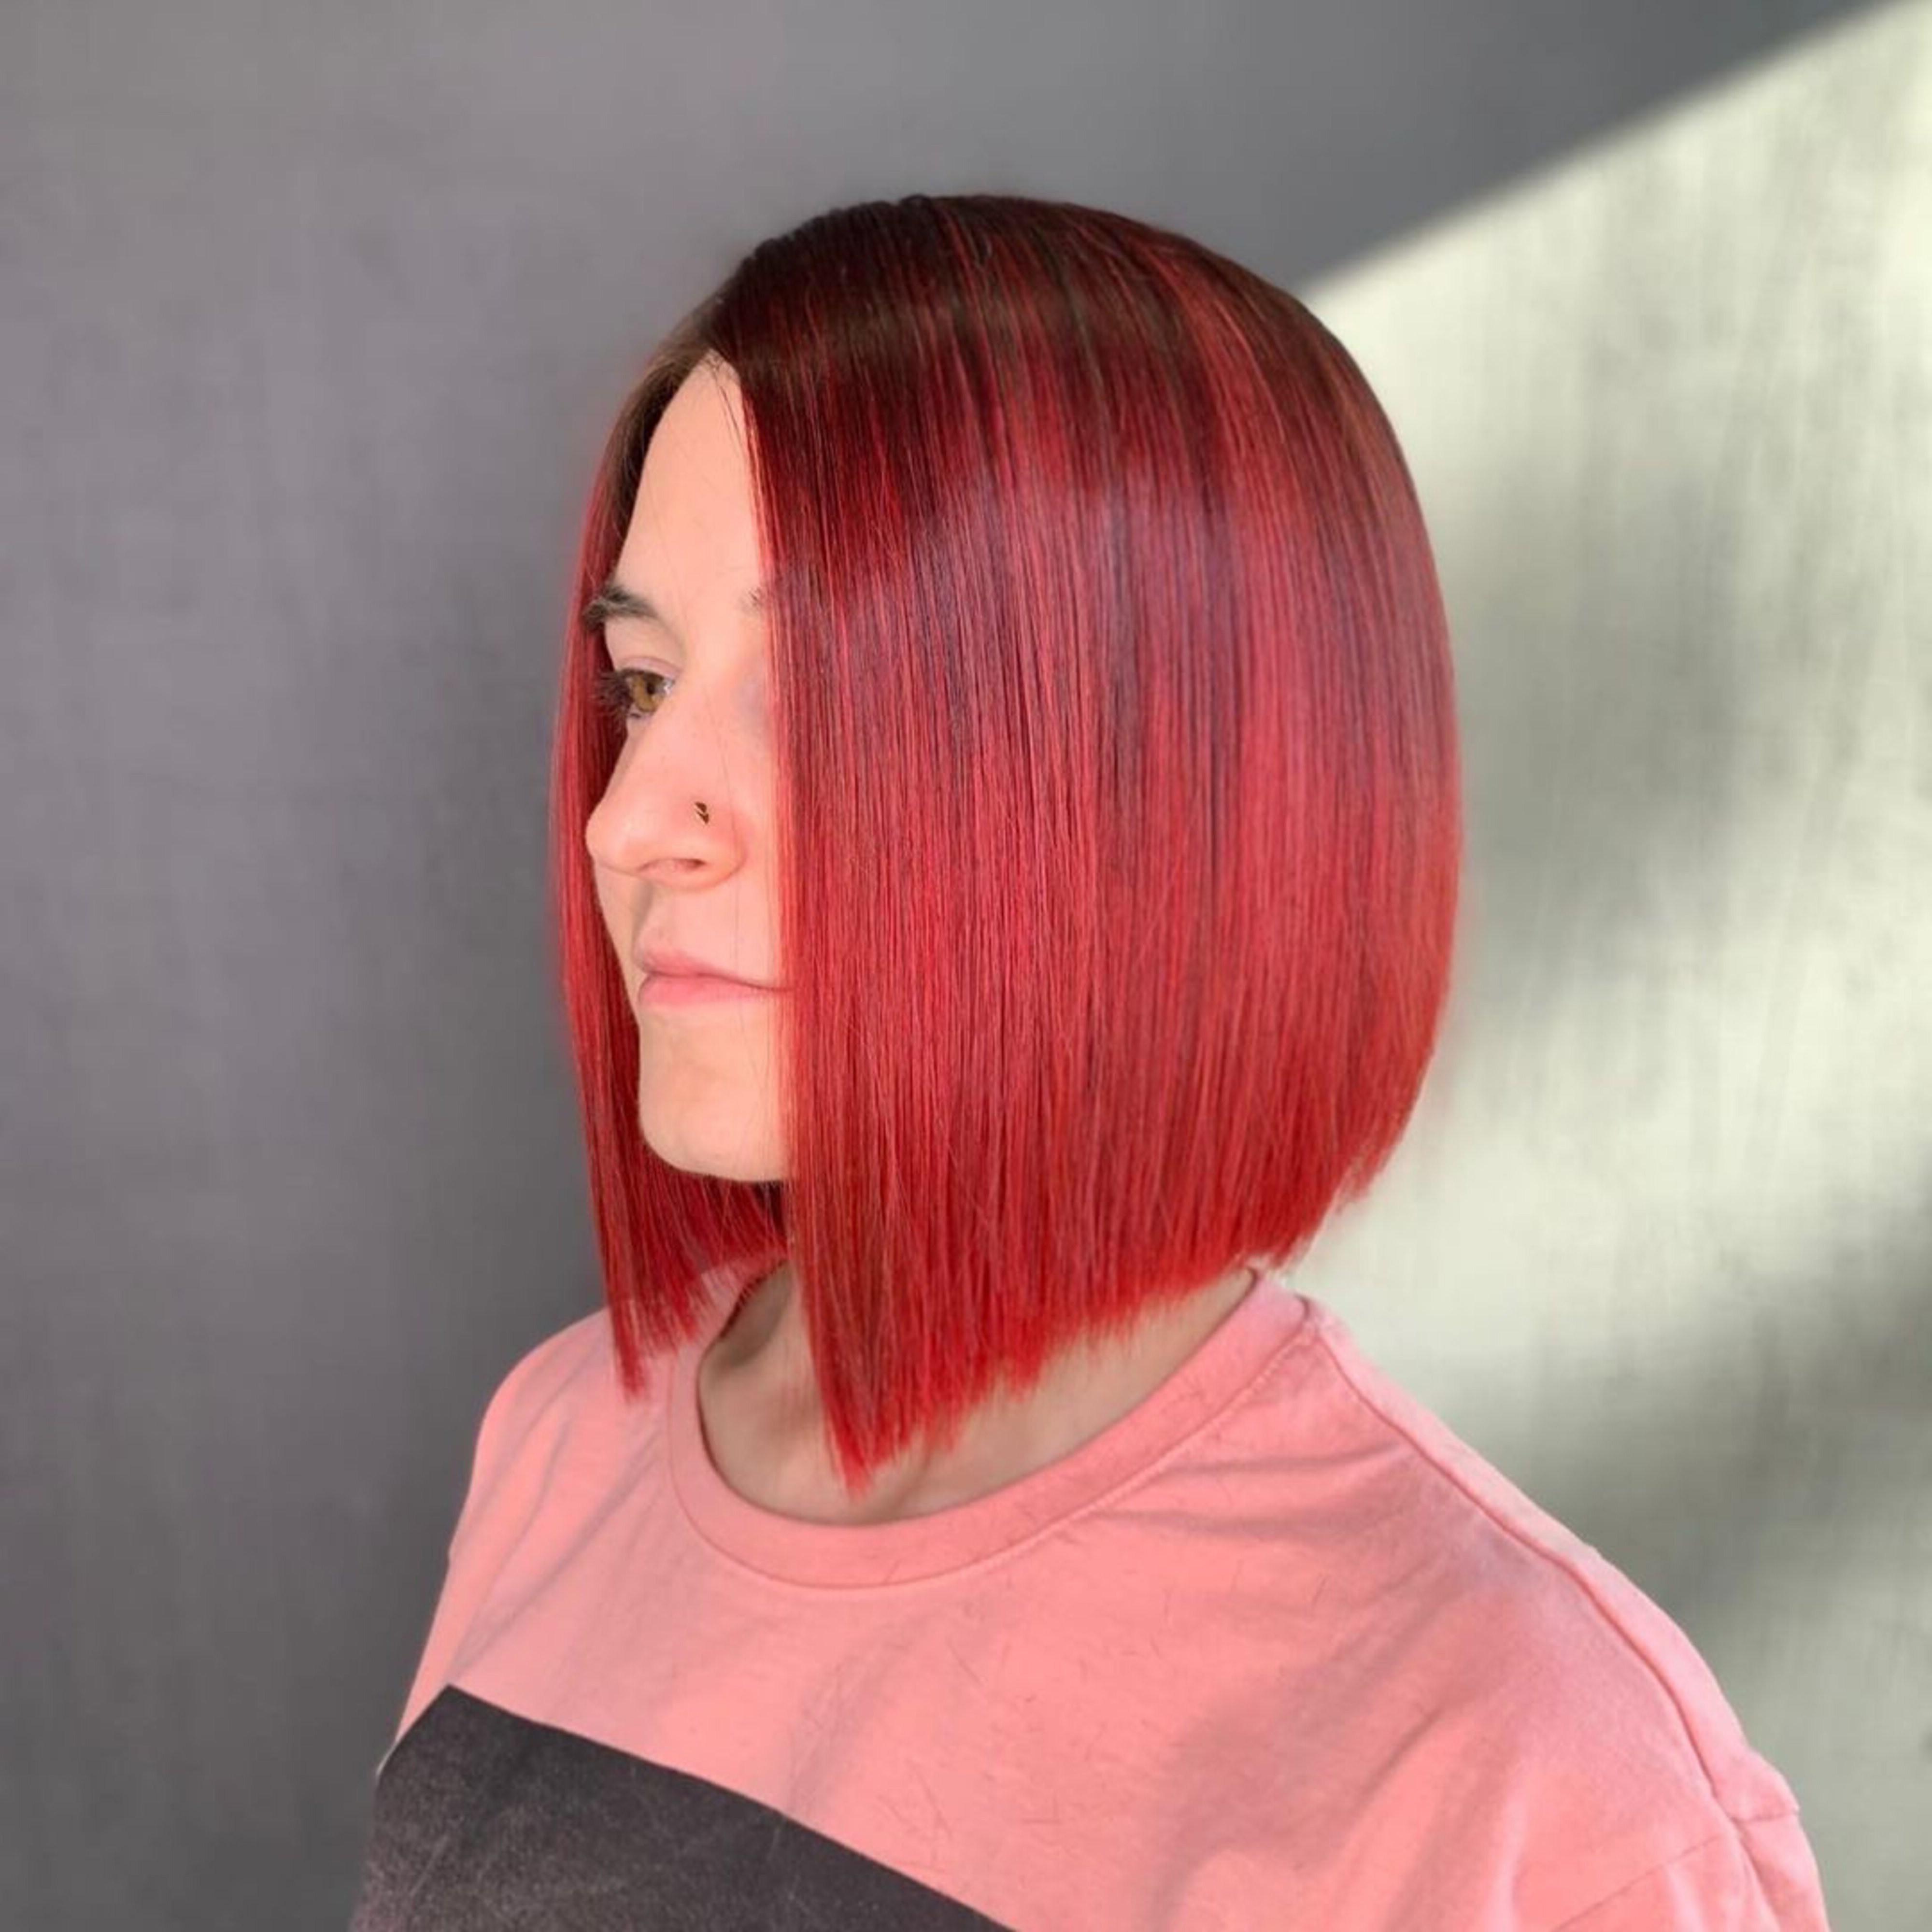 A red bob haircut.